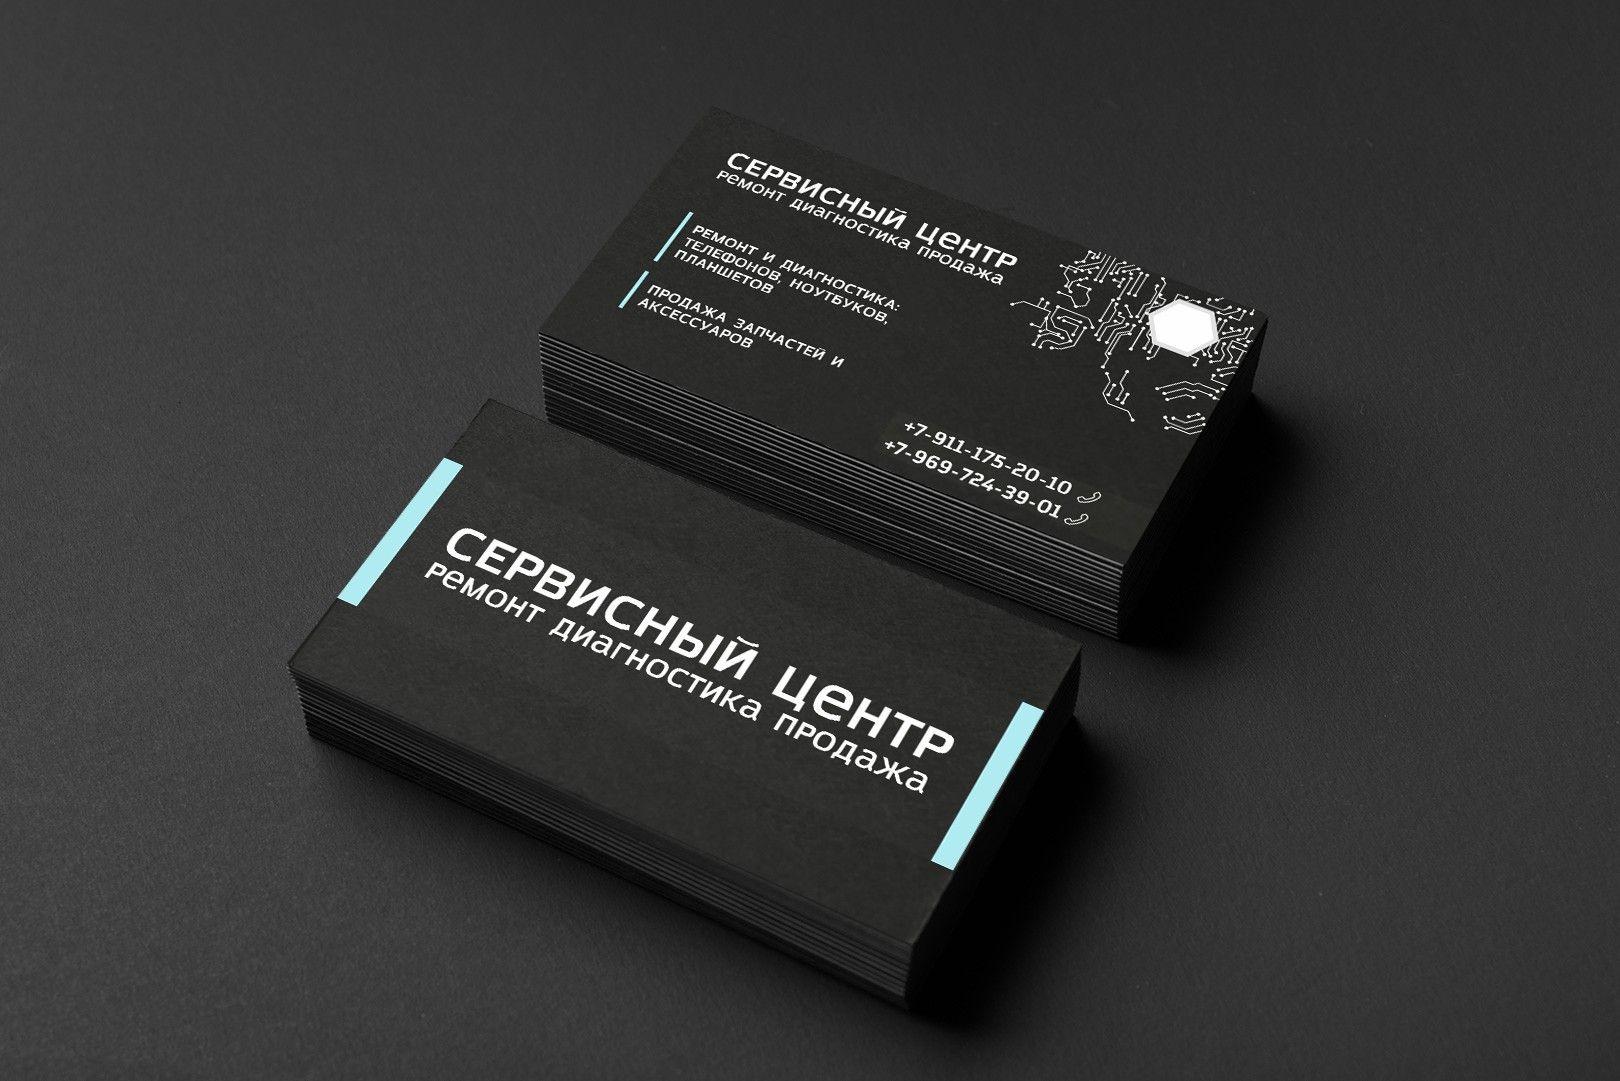 Печать визиток с белилами на тёмных бумагах в Москве   фото 6